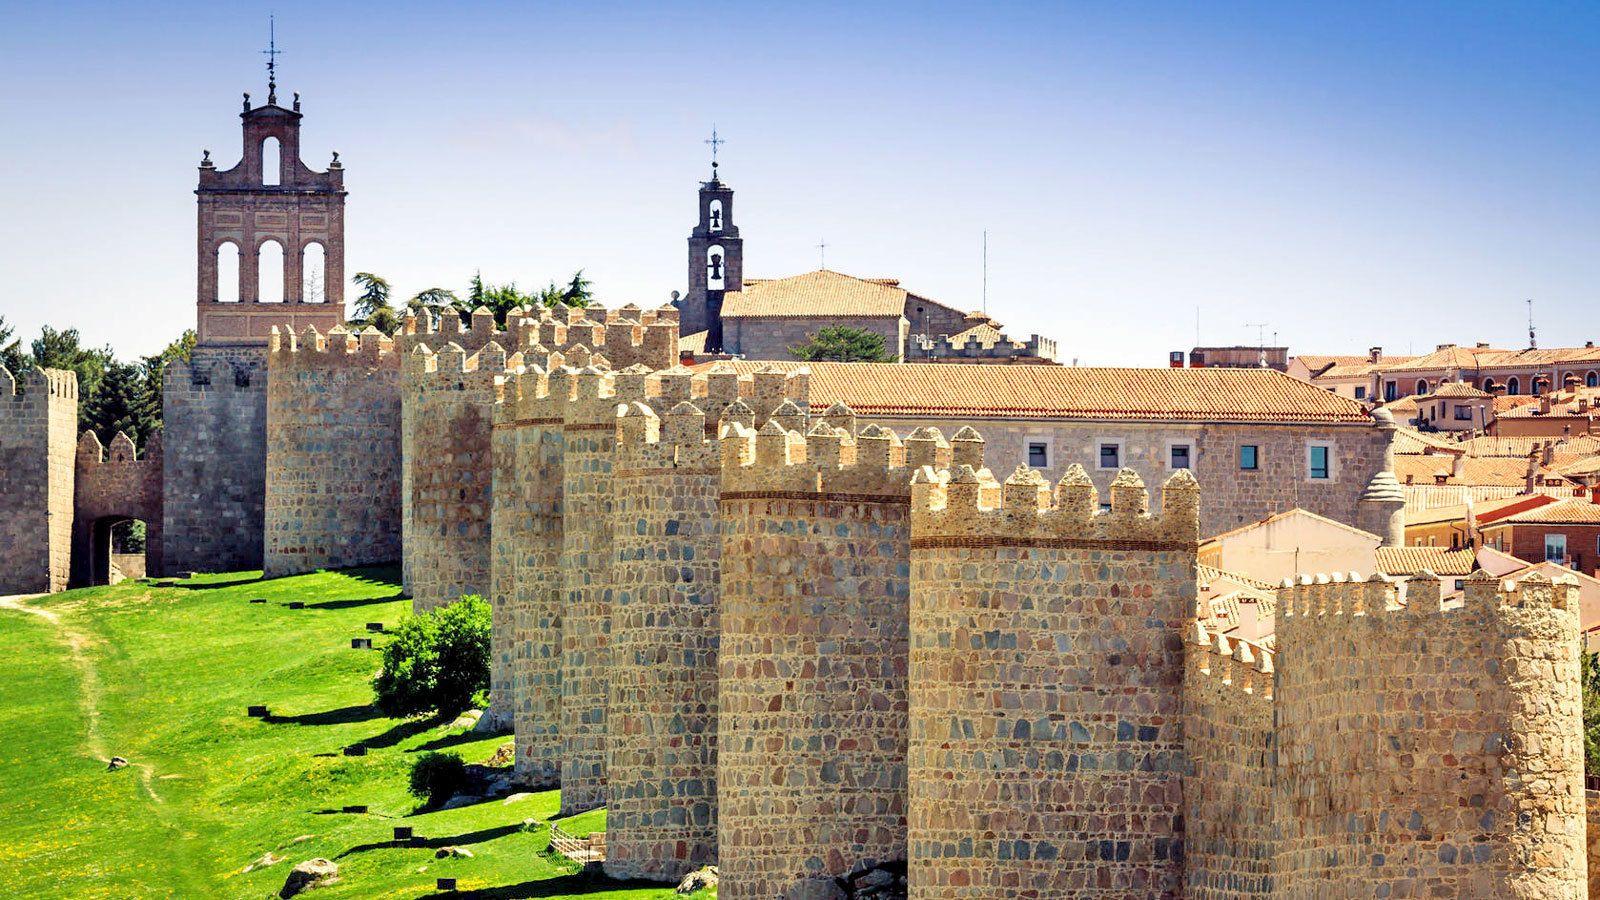 Visita de 1 día completo a Ávila y Salamanca